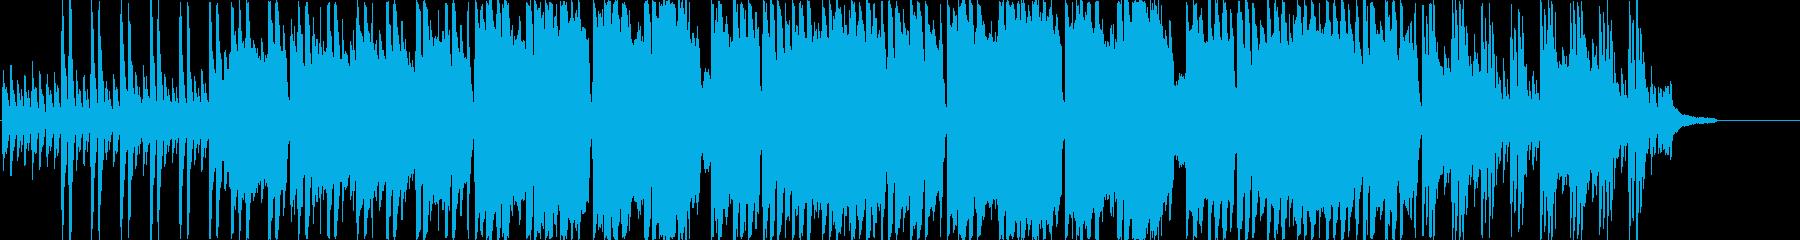 空間BGMです。作品展示場、CMなどに…の再生済みの波形